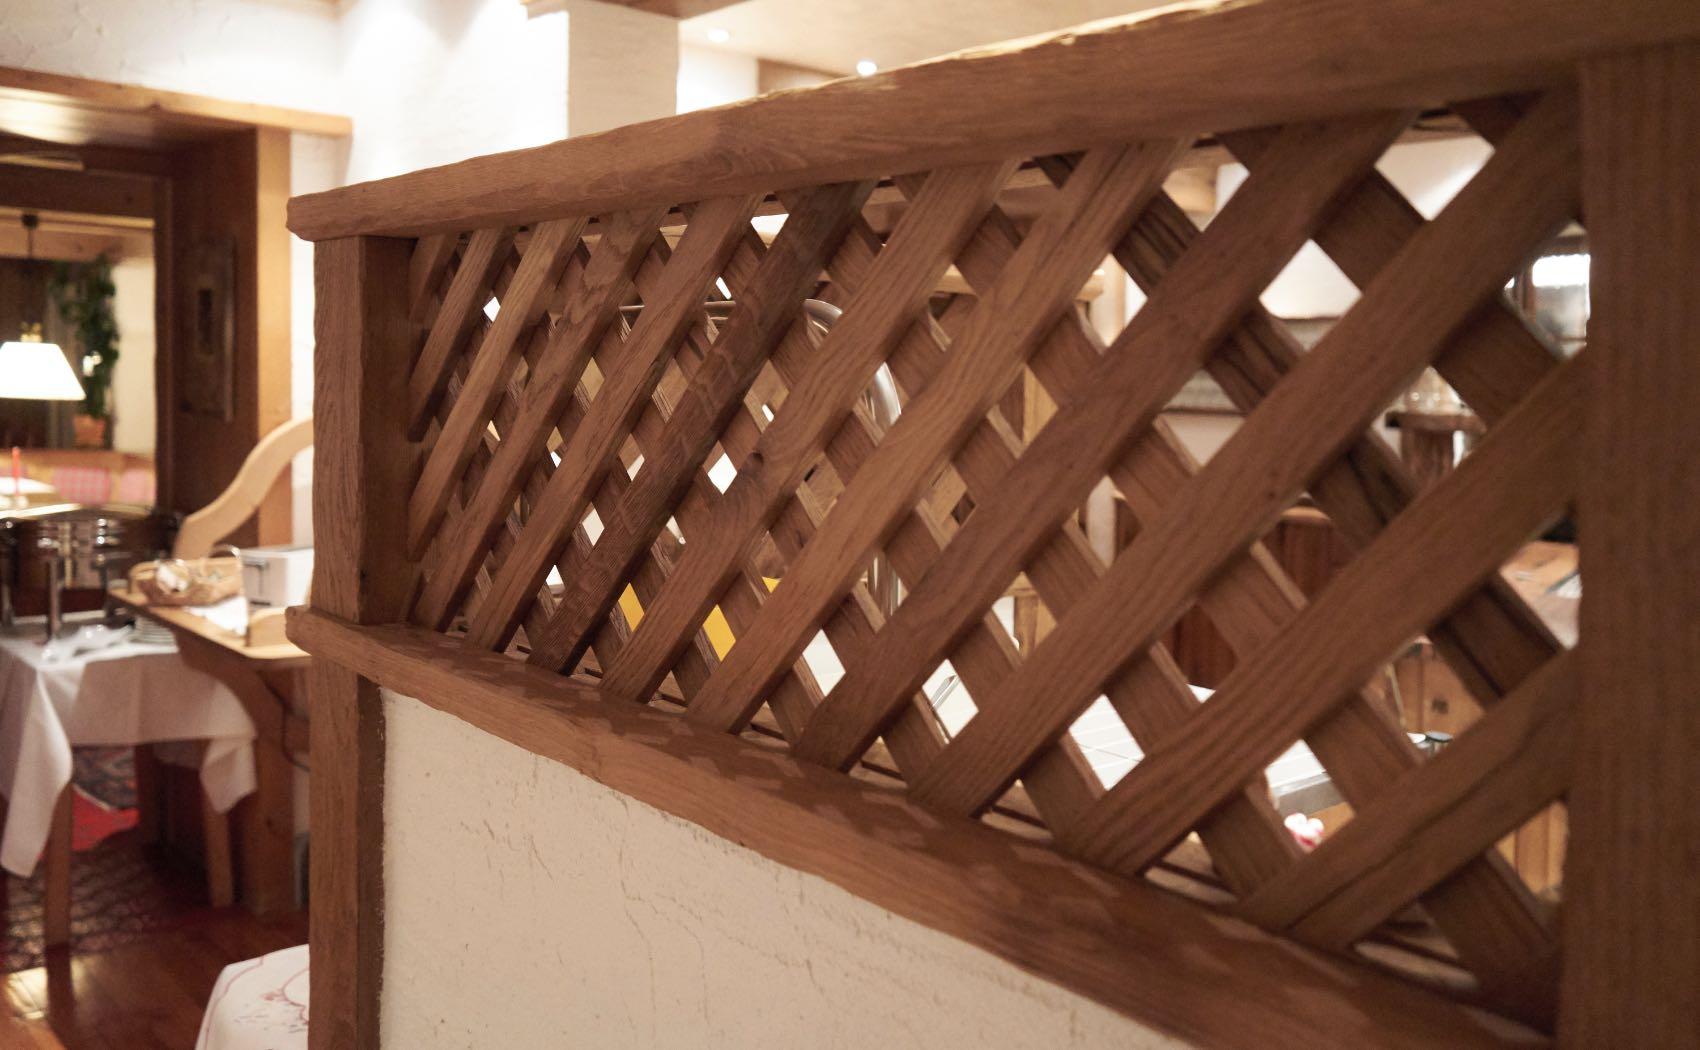 Rustikale Trennwand aus Holz in einem Restaurant